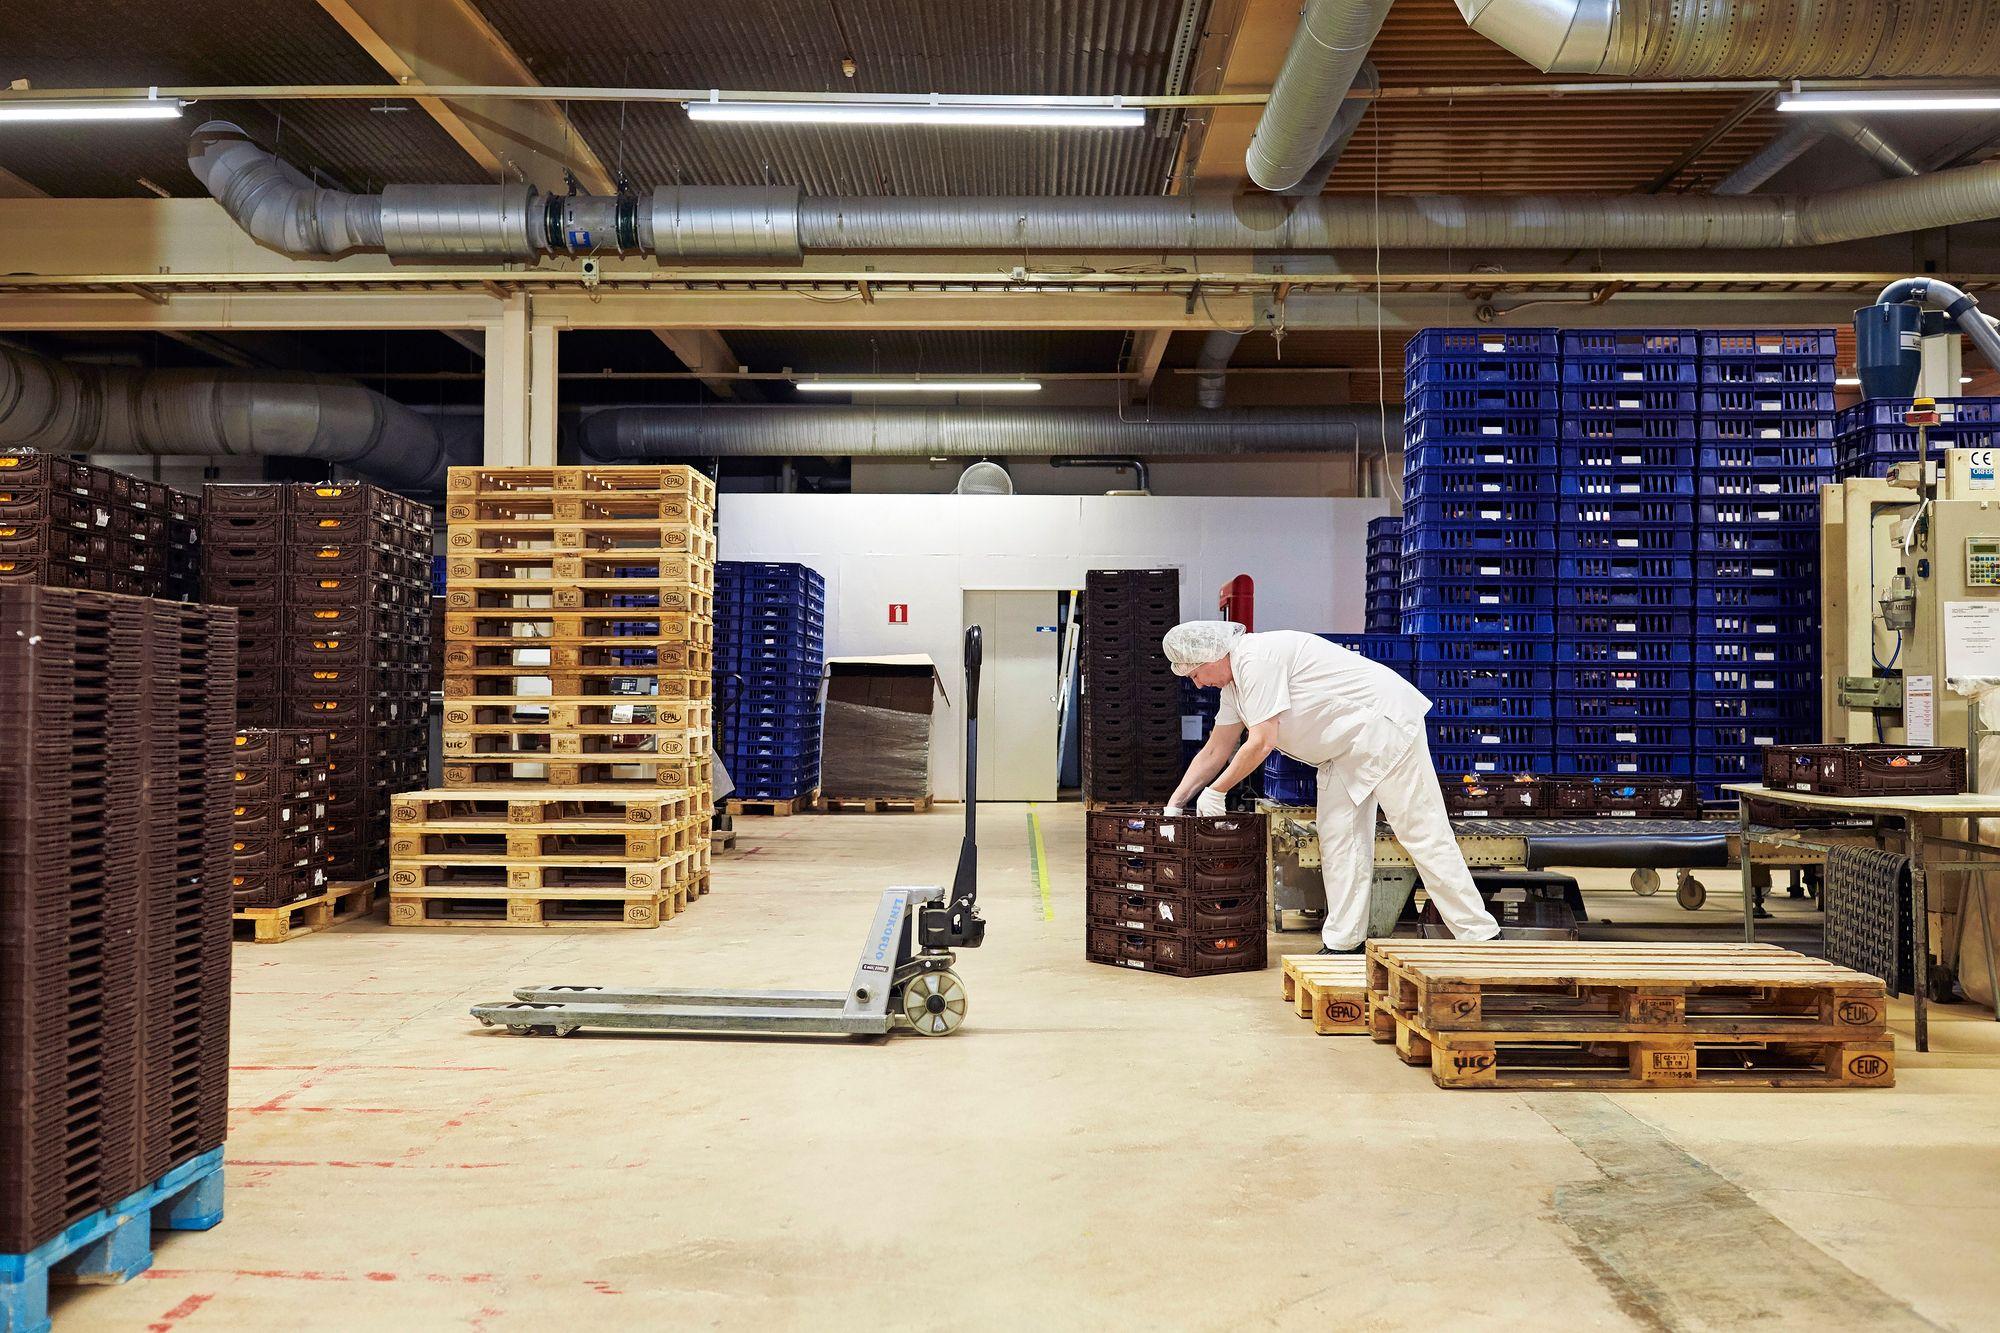 Miia Saarinen työskentelee leipomon puolella. Aamuvuoroon kuuluu usein esimerkiksi paahtoleipien pakkausta tilausten mukaan. © Sara Pihlaja